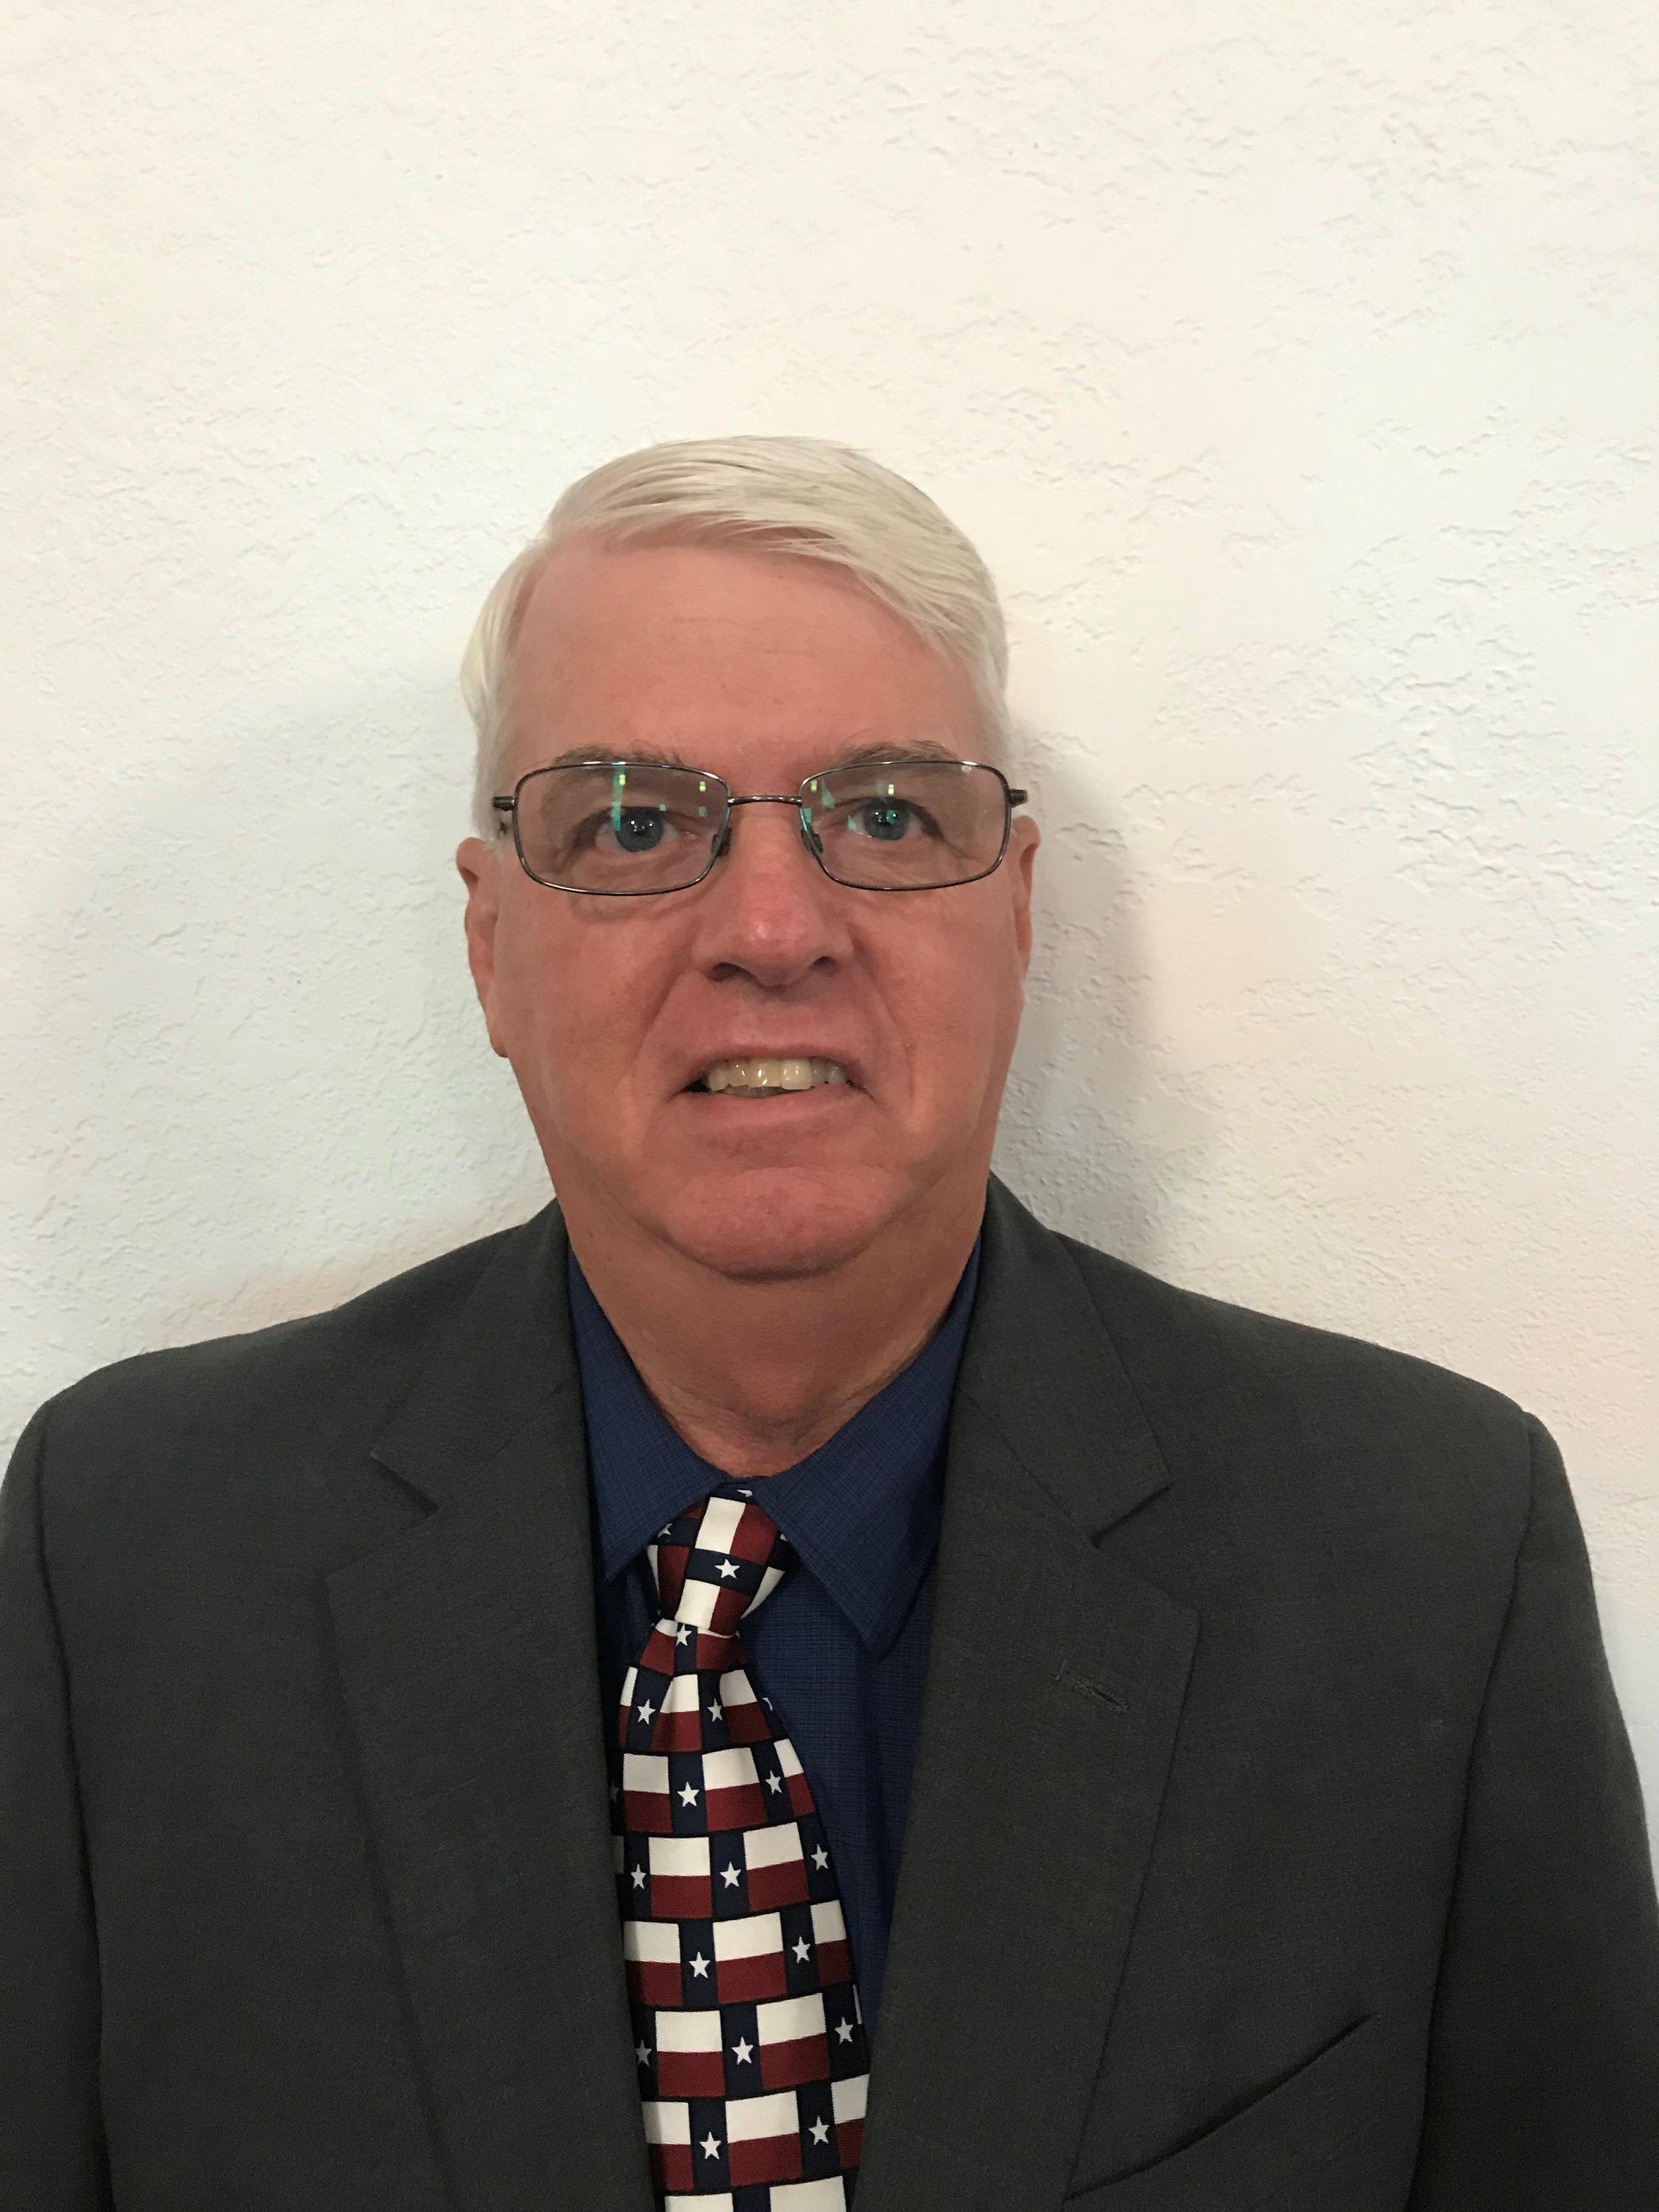 Don Aticheson - Executive Pastor